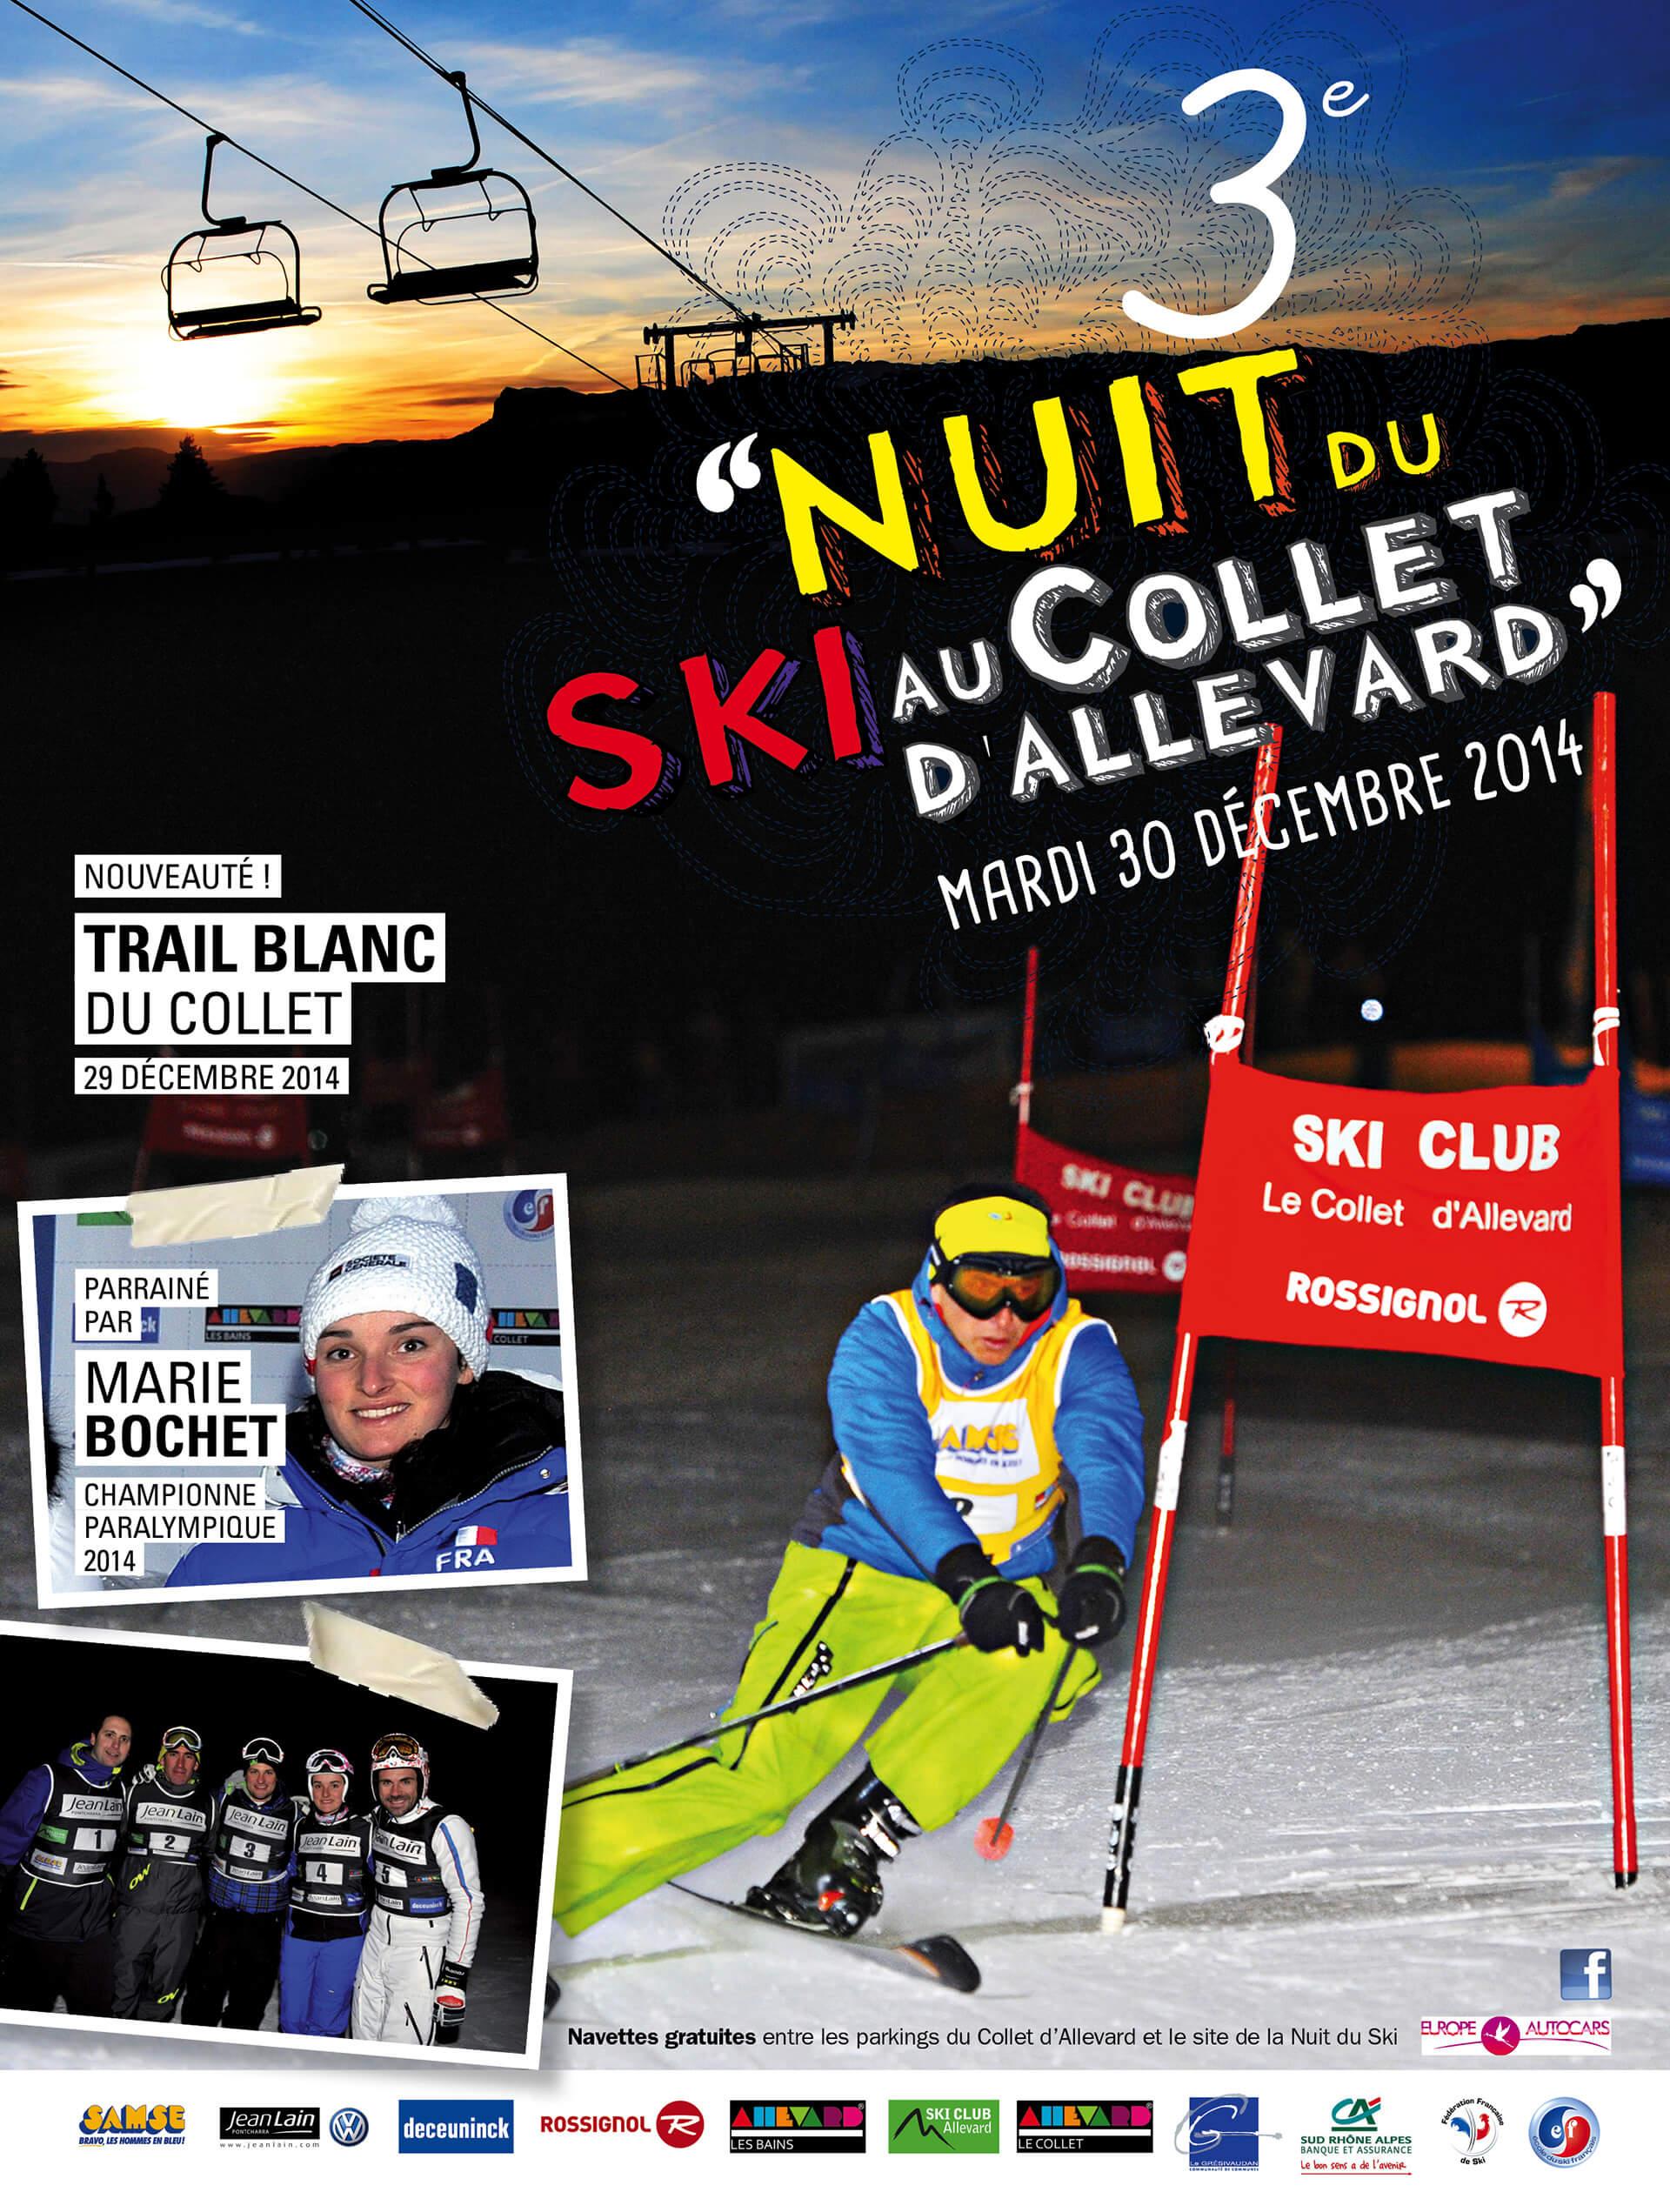 nuit-du-ski-2014-couverture-magazine-3429